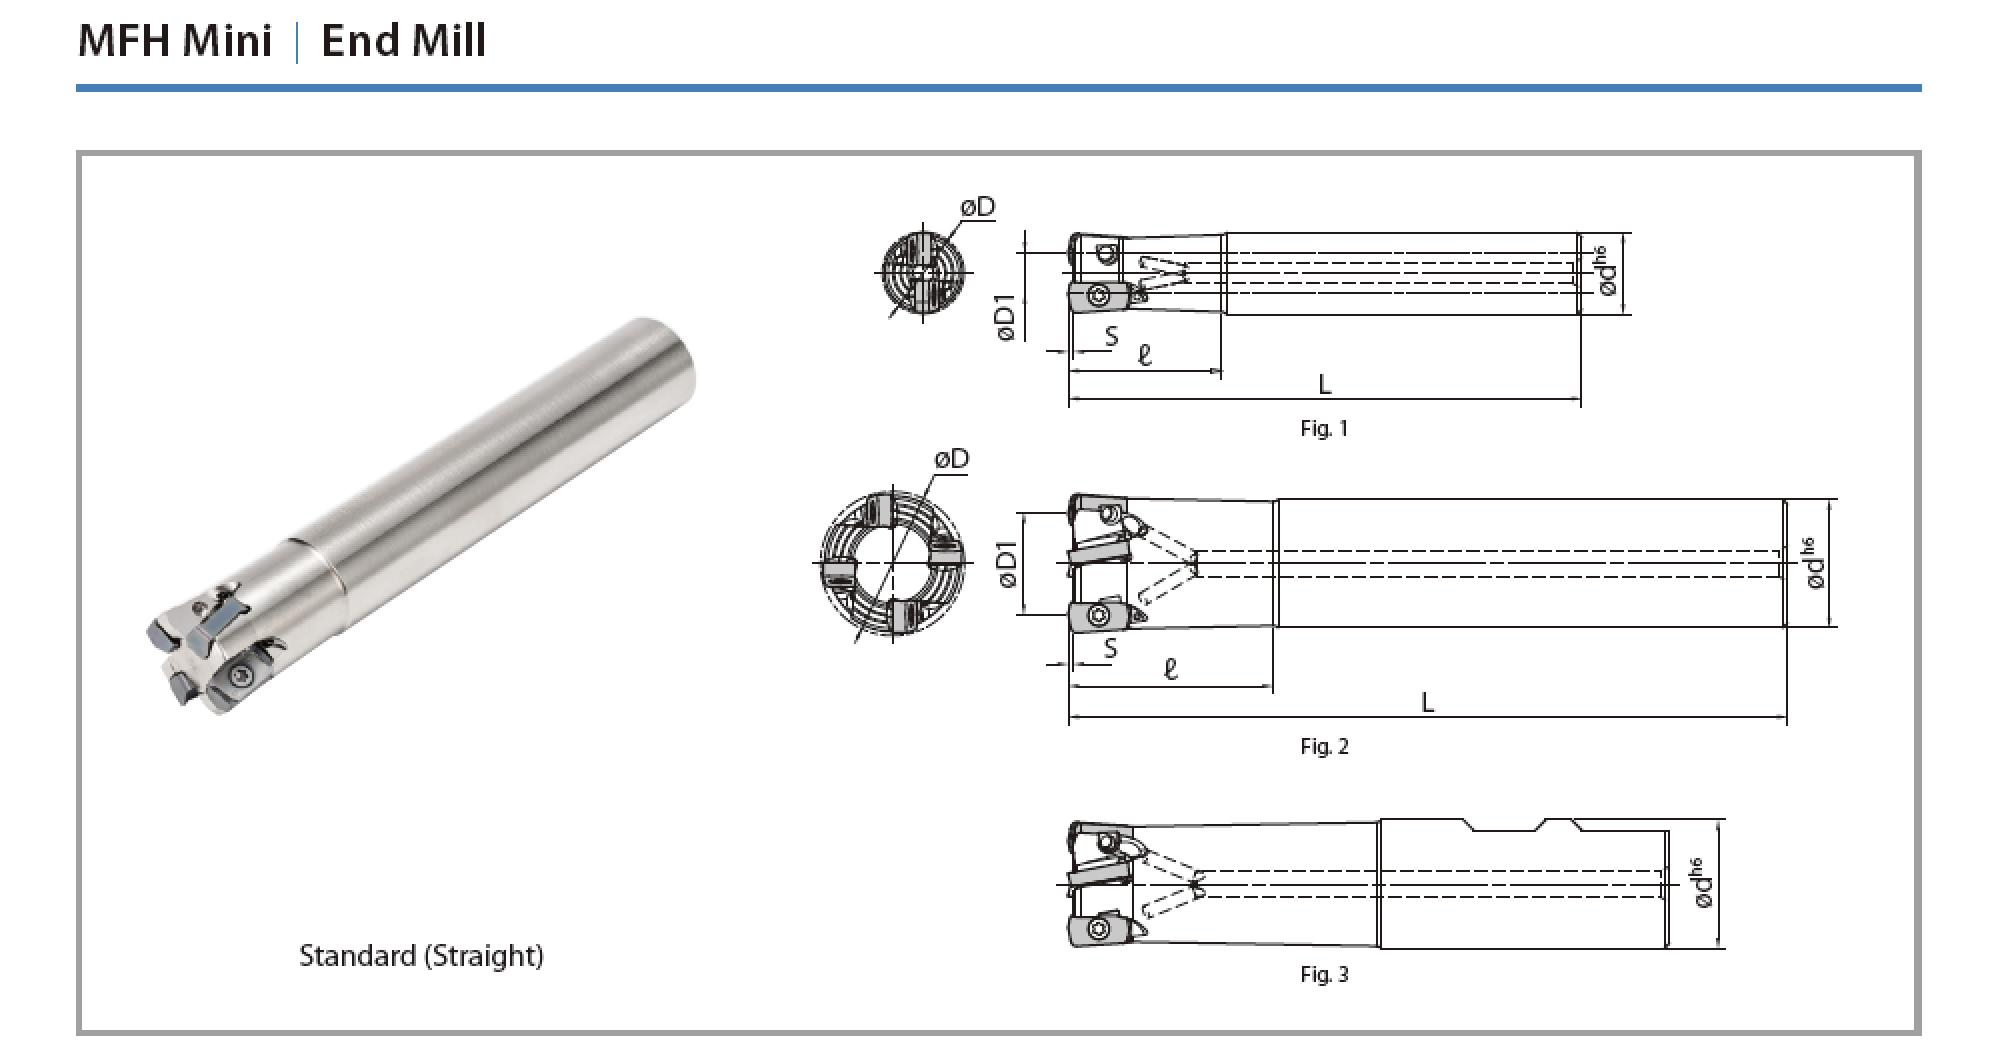 Cán dao phay MFH Mini (Kyocera)